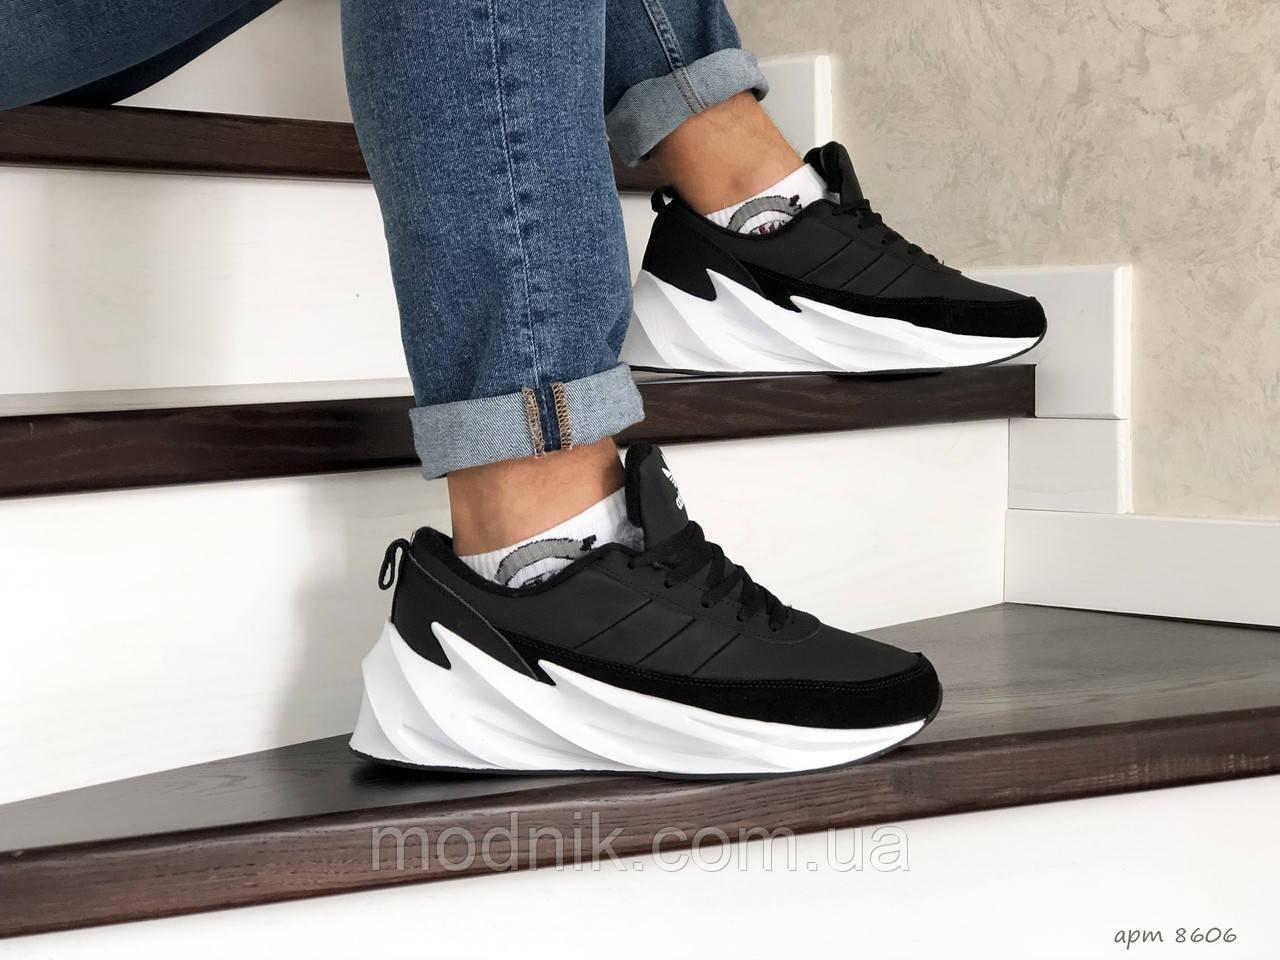 Мужские кроссовки Adidas Sharks (черно-белые) Зима